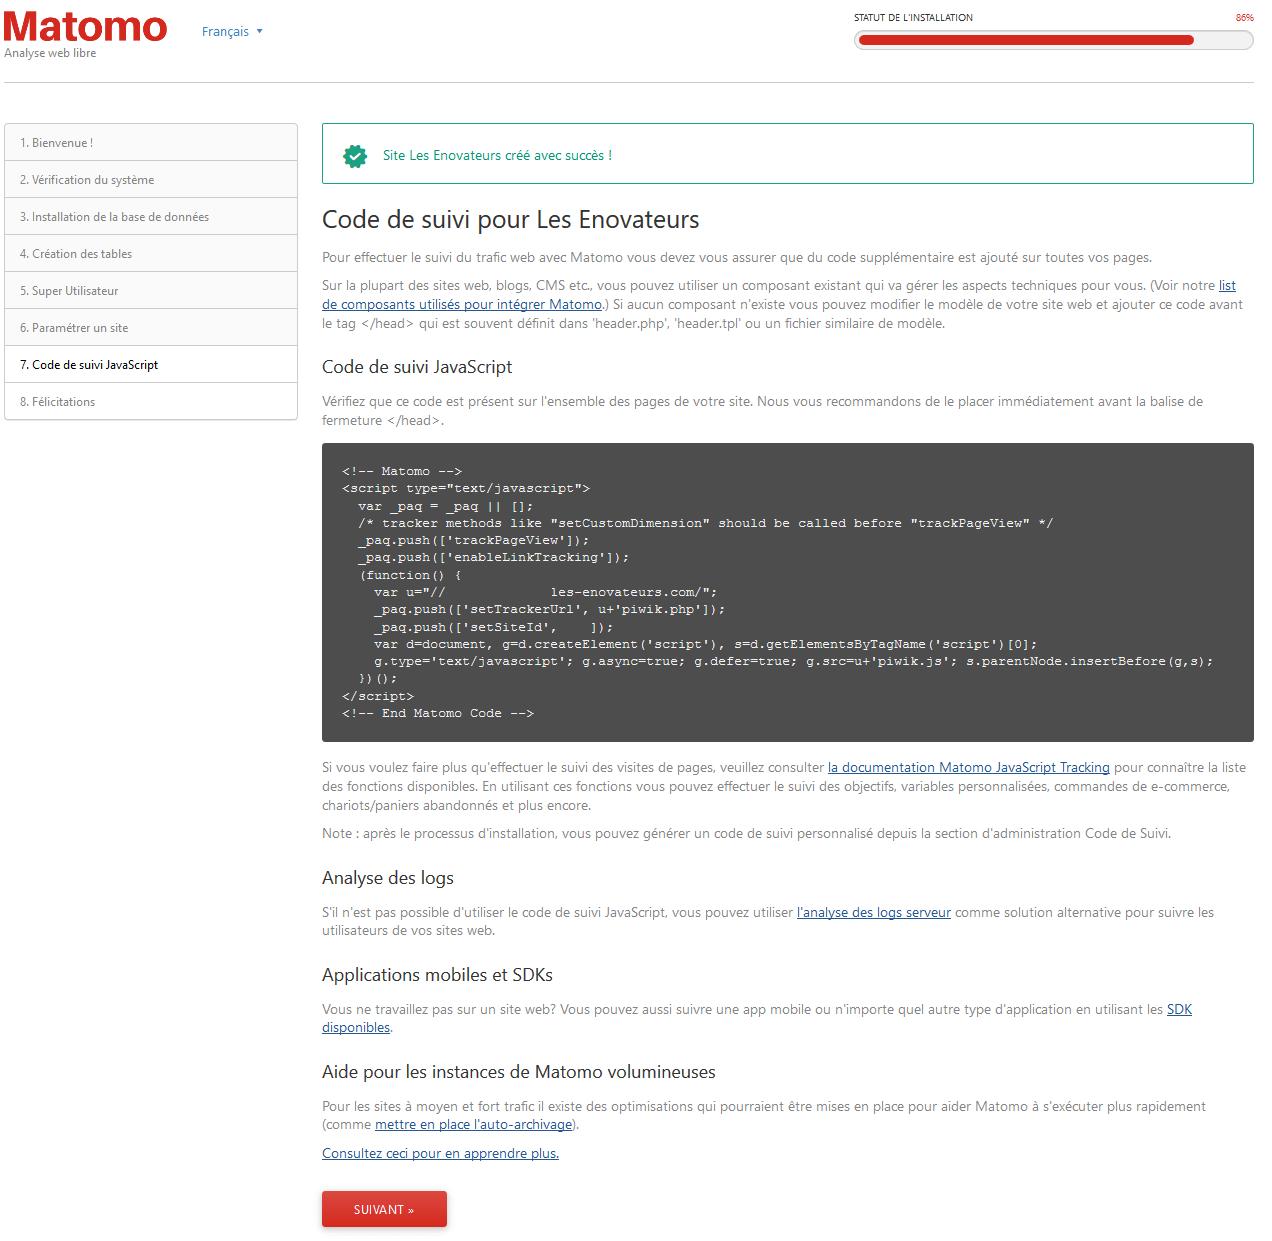 Code de suivi Javascript sur Matomo